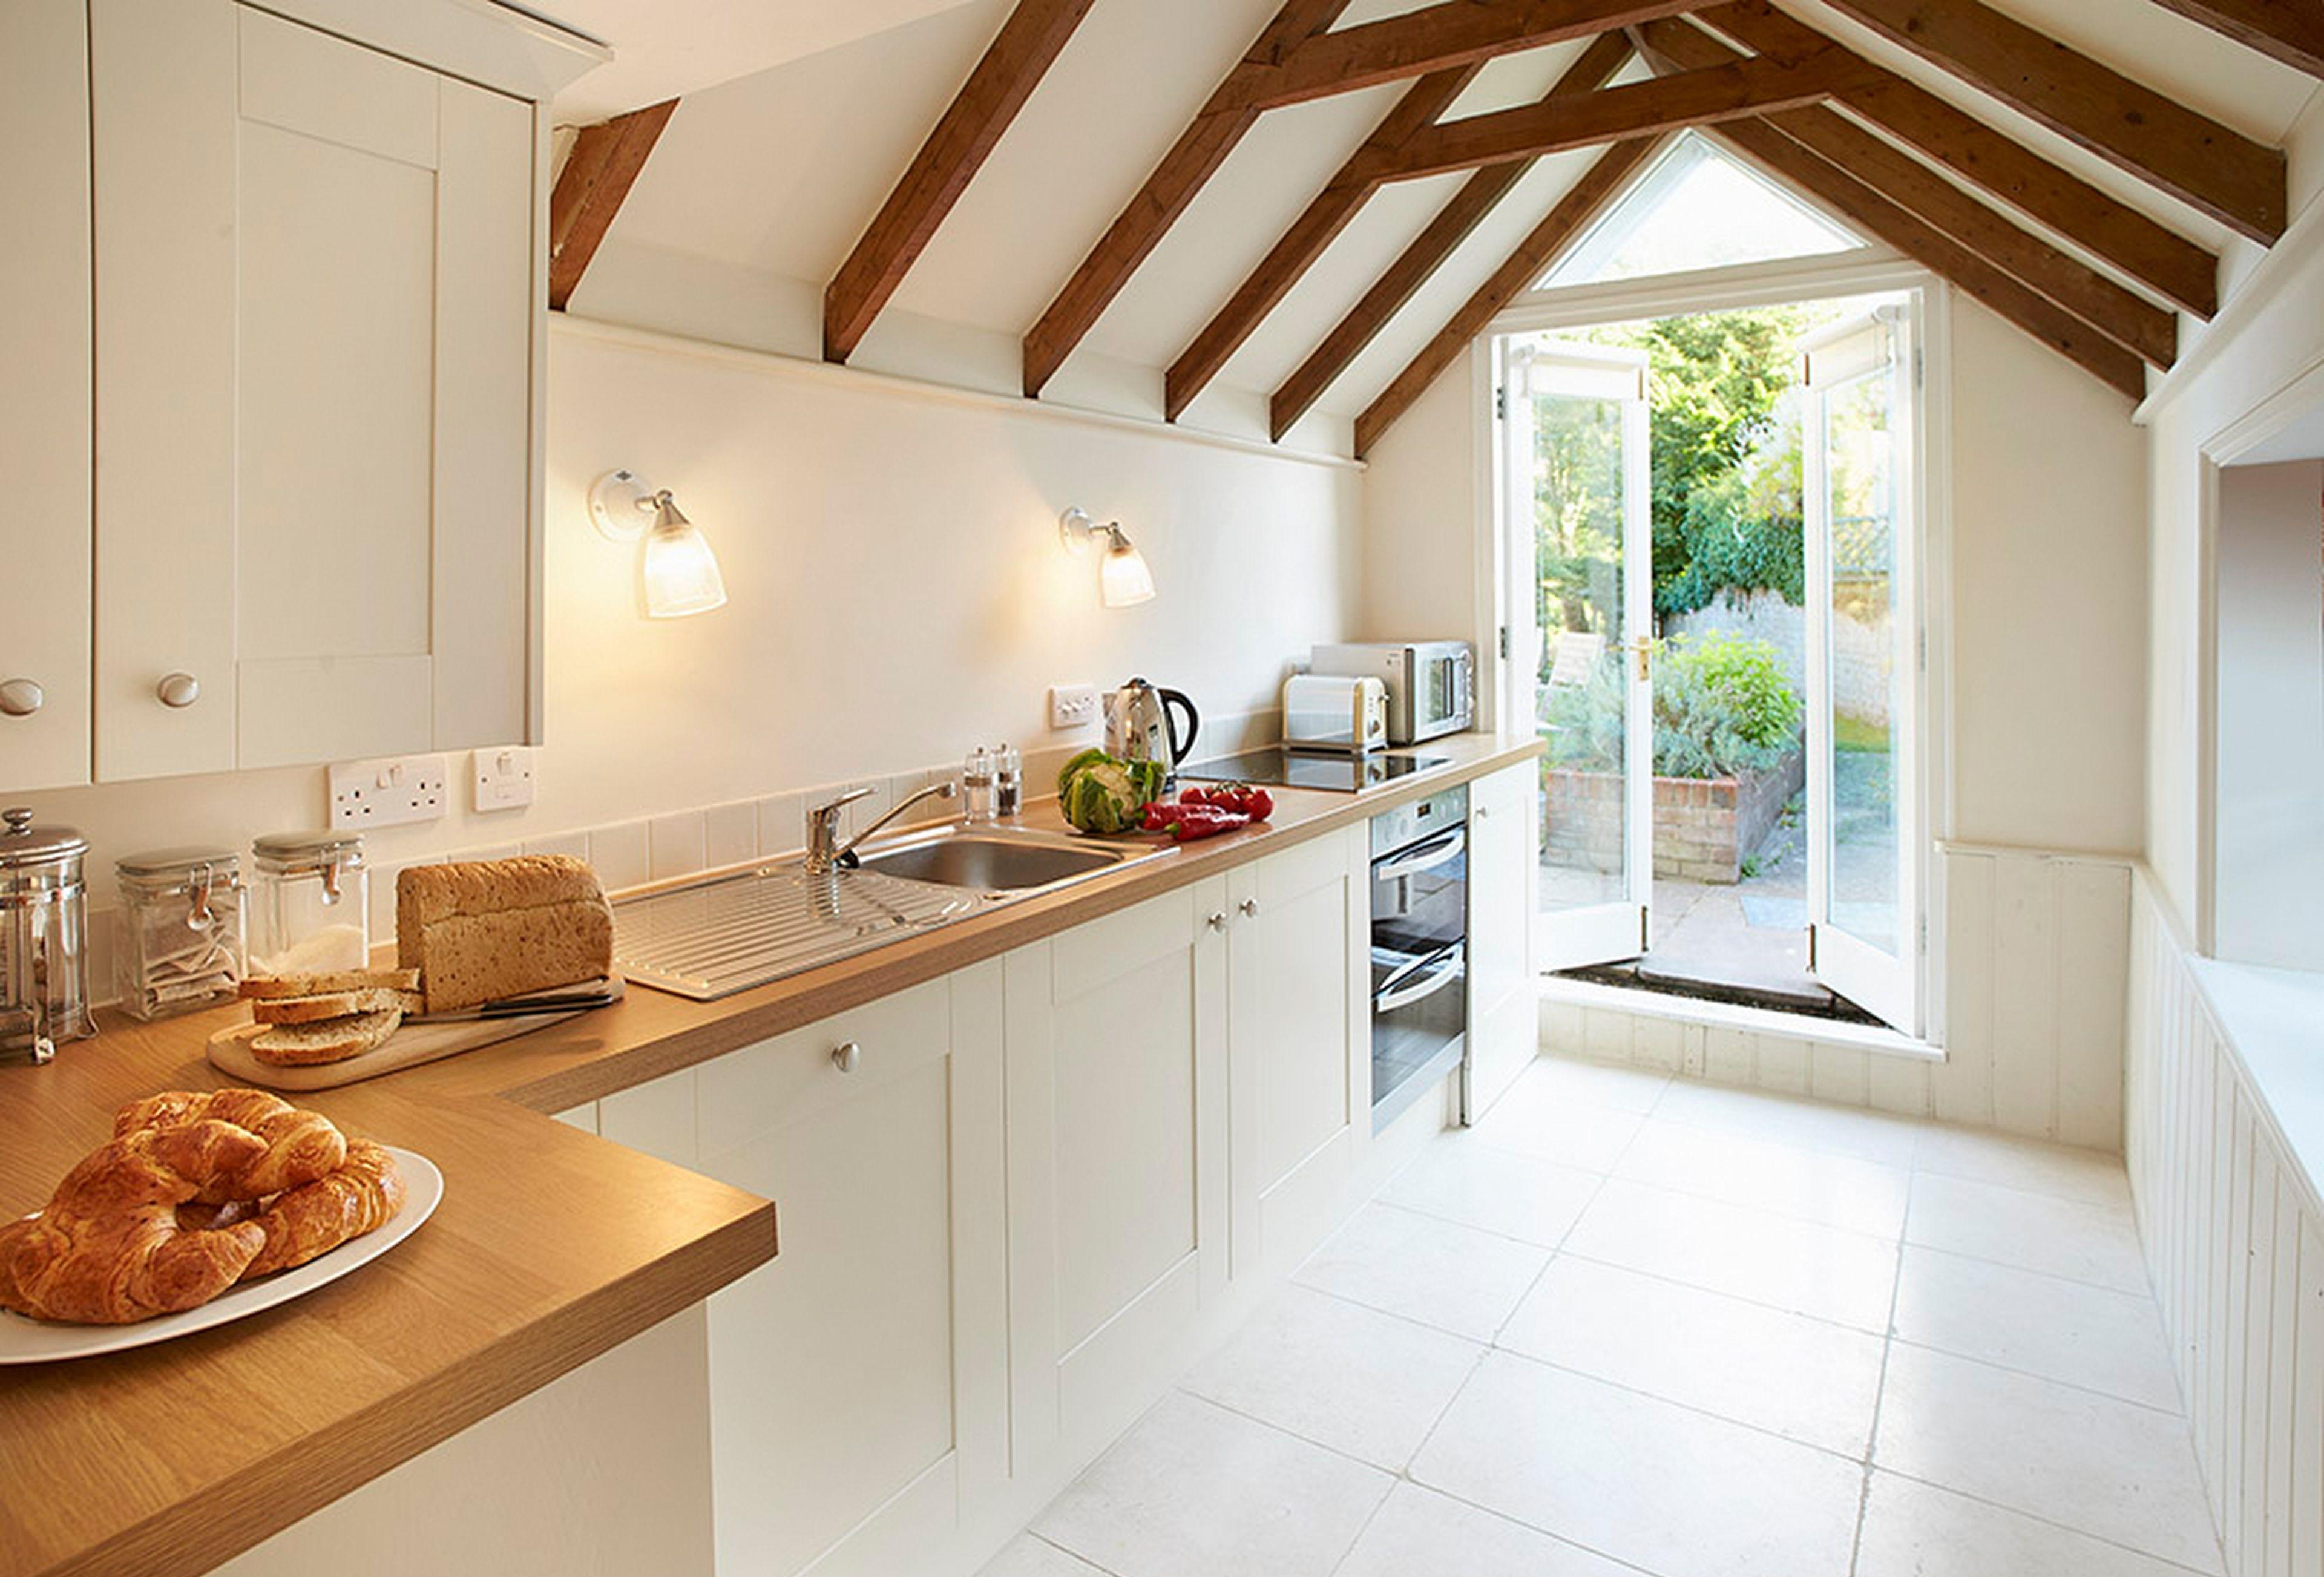 Densford Cottage - Holiday Cottages in Kent